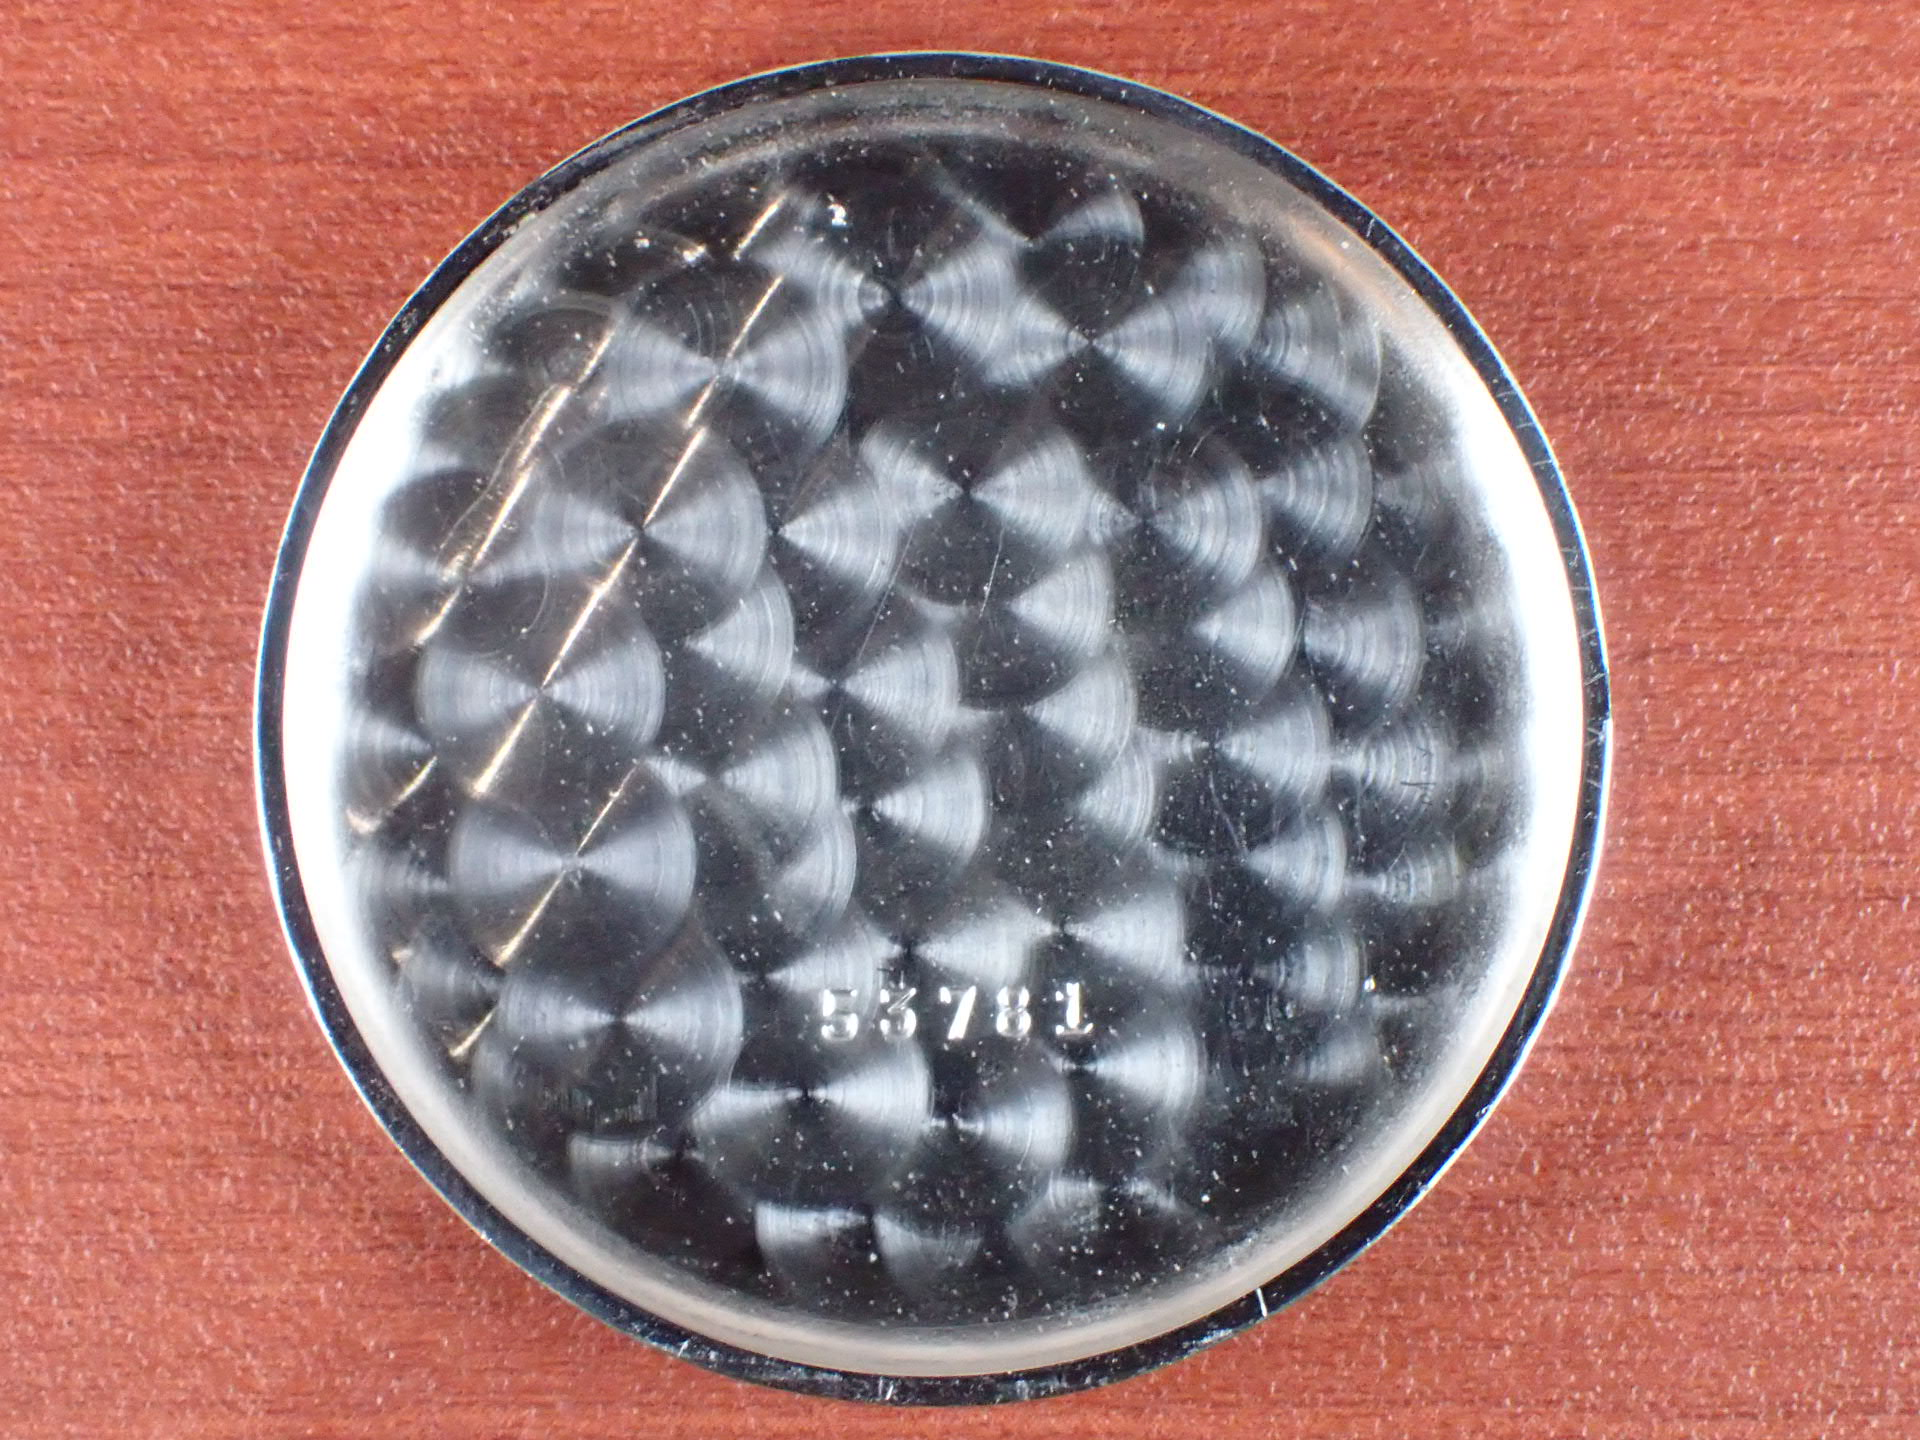 レマニア クロノグラフ キャリバー15TL 2トーンダイアル 1940年代の写真6枚目